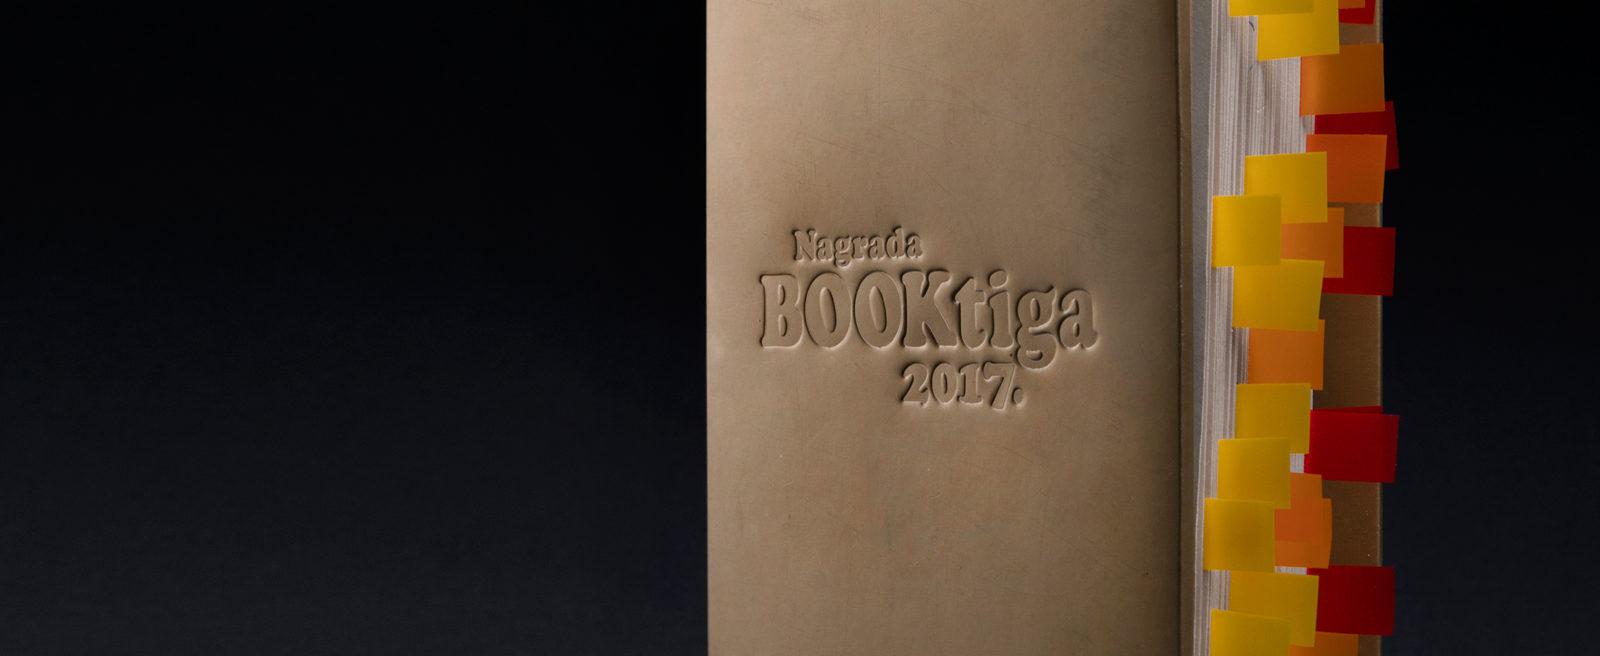 Dizajn Booktiga nagrade za najčitanijeg autora/icu